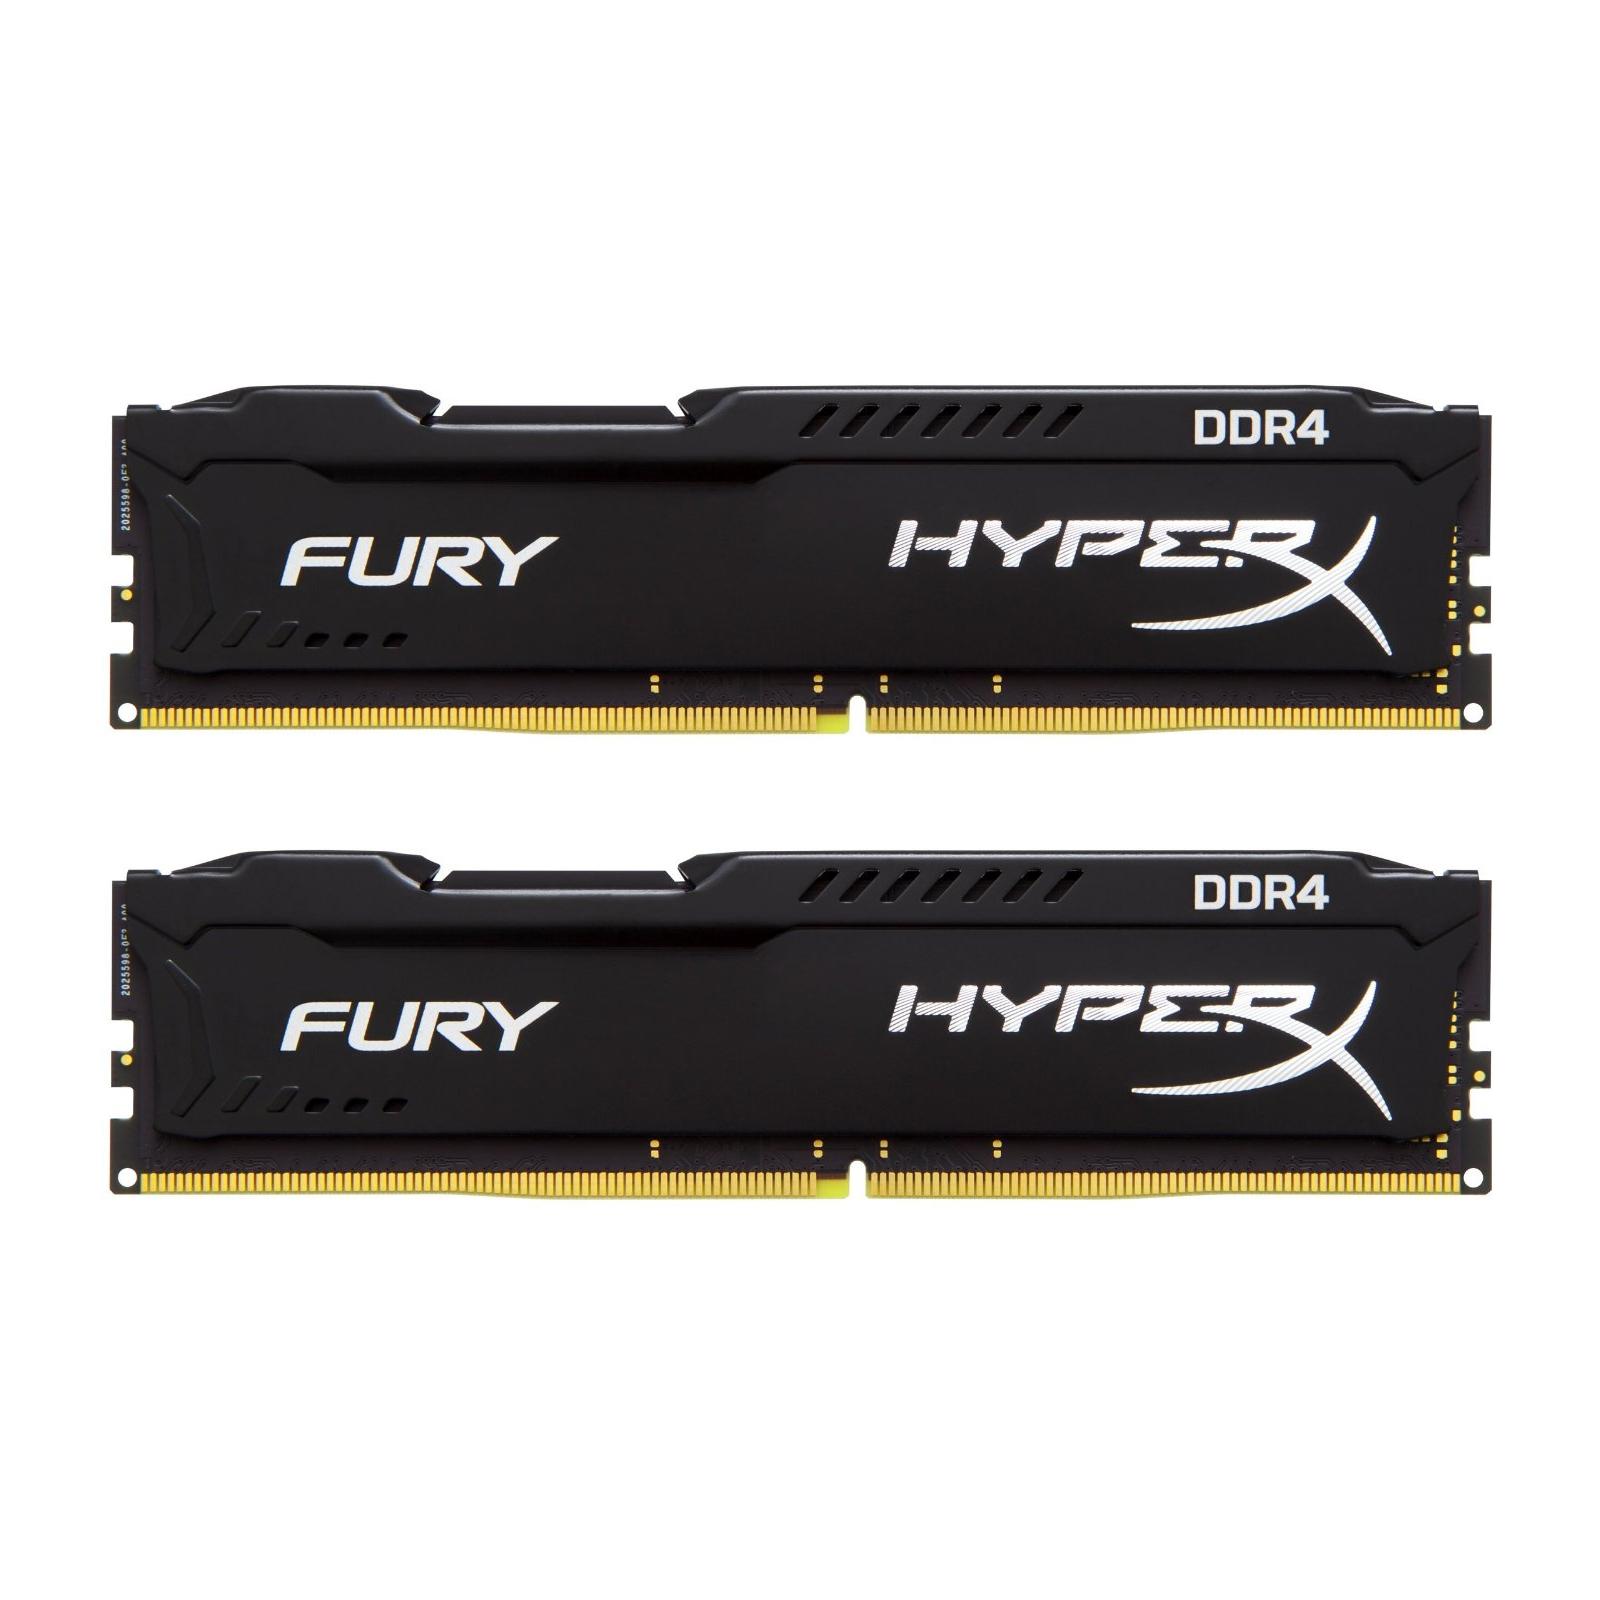 Модуль памяти для компьютера DDR4 32GB (2x16GB) 2133 MHz HyperX FURY Black Kingston (HX421C14FBK2/32)